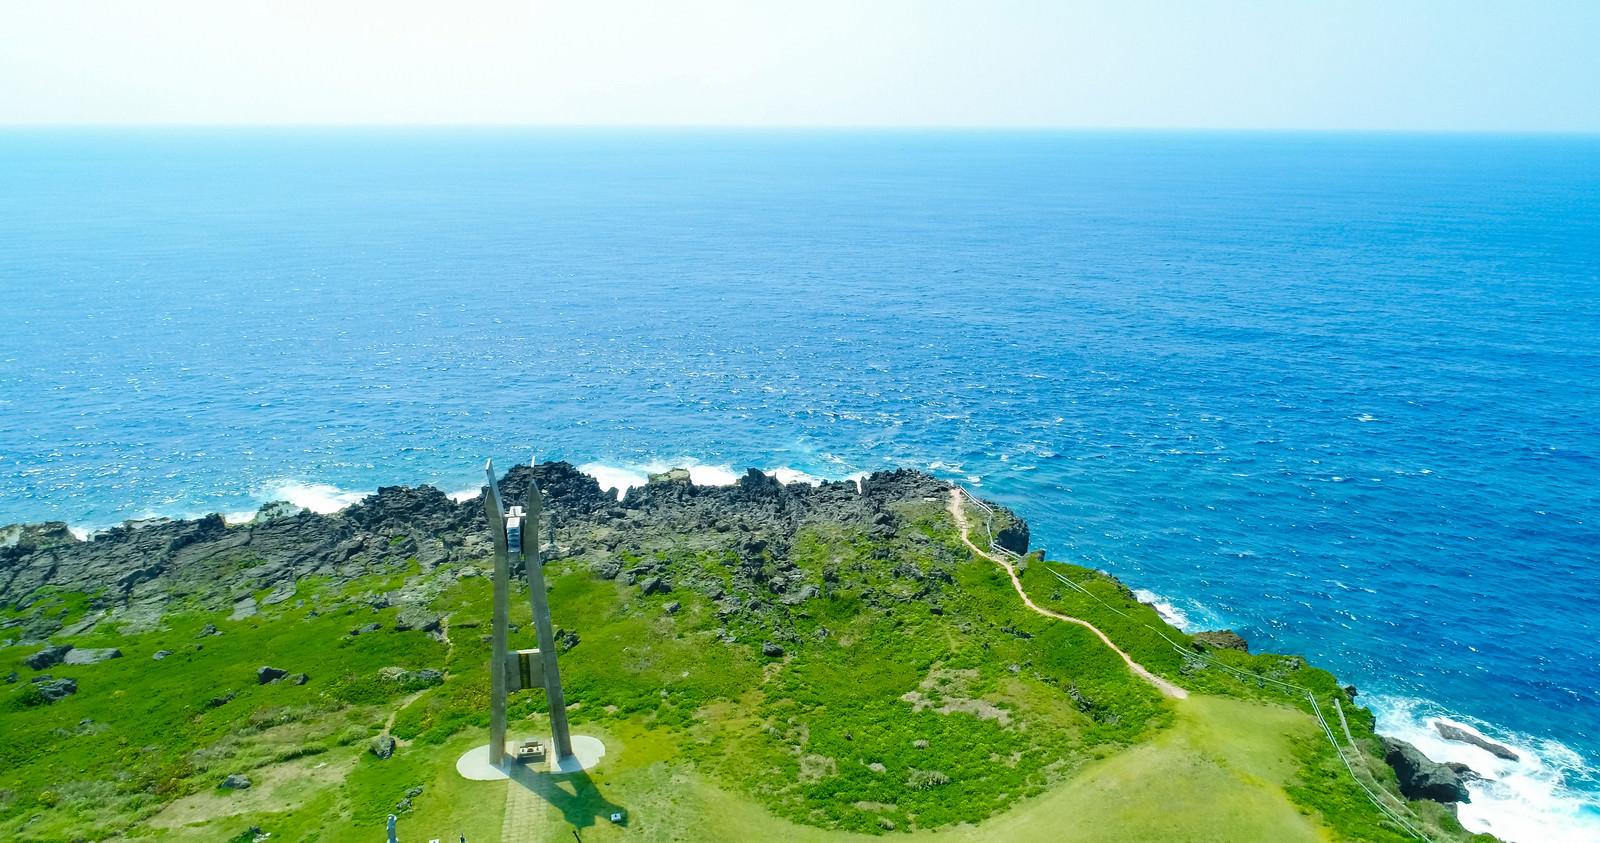 「戦艦大和慰霊塔と大海原 | 写真の無料素材・フリー素材 - ぱくたそ」の写真